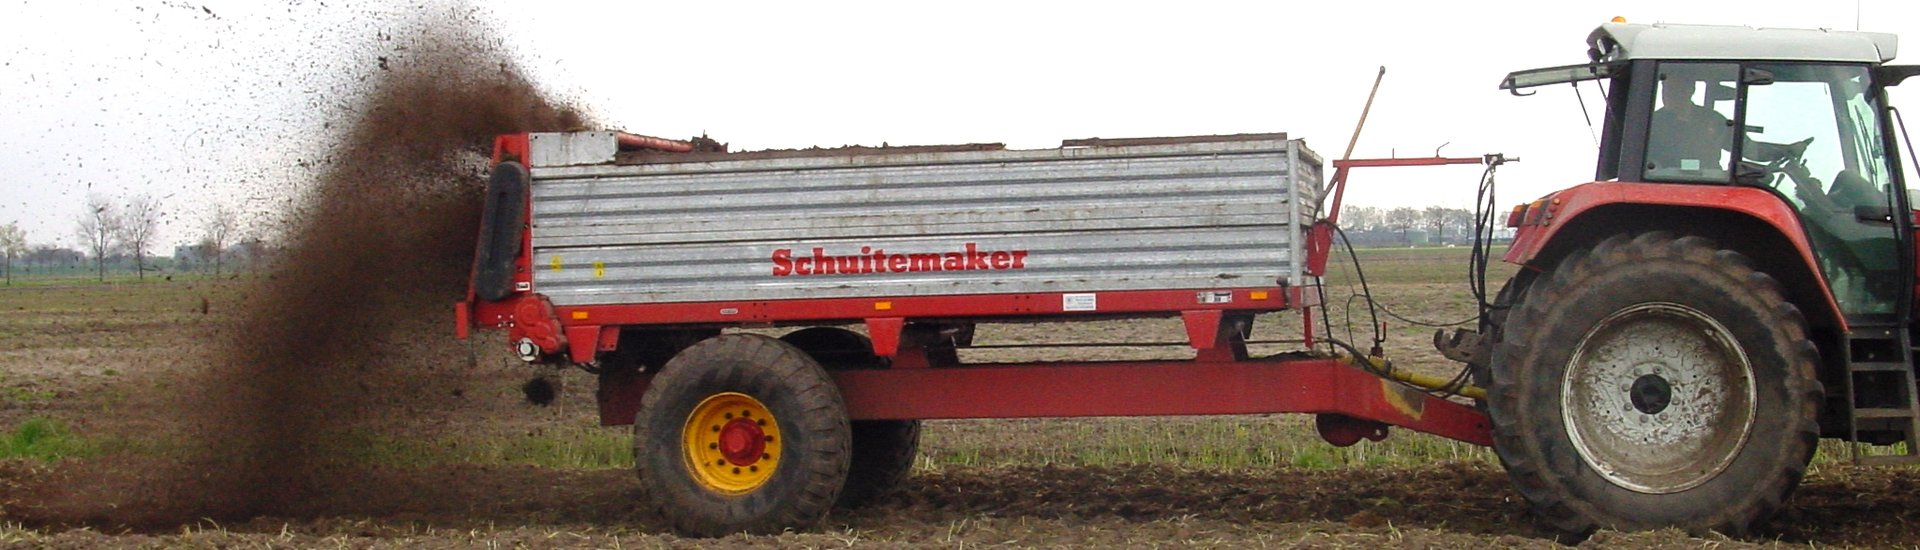 Schuitemaker strooier